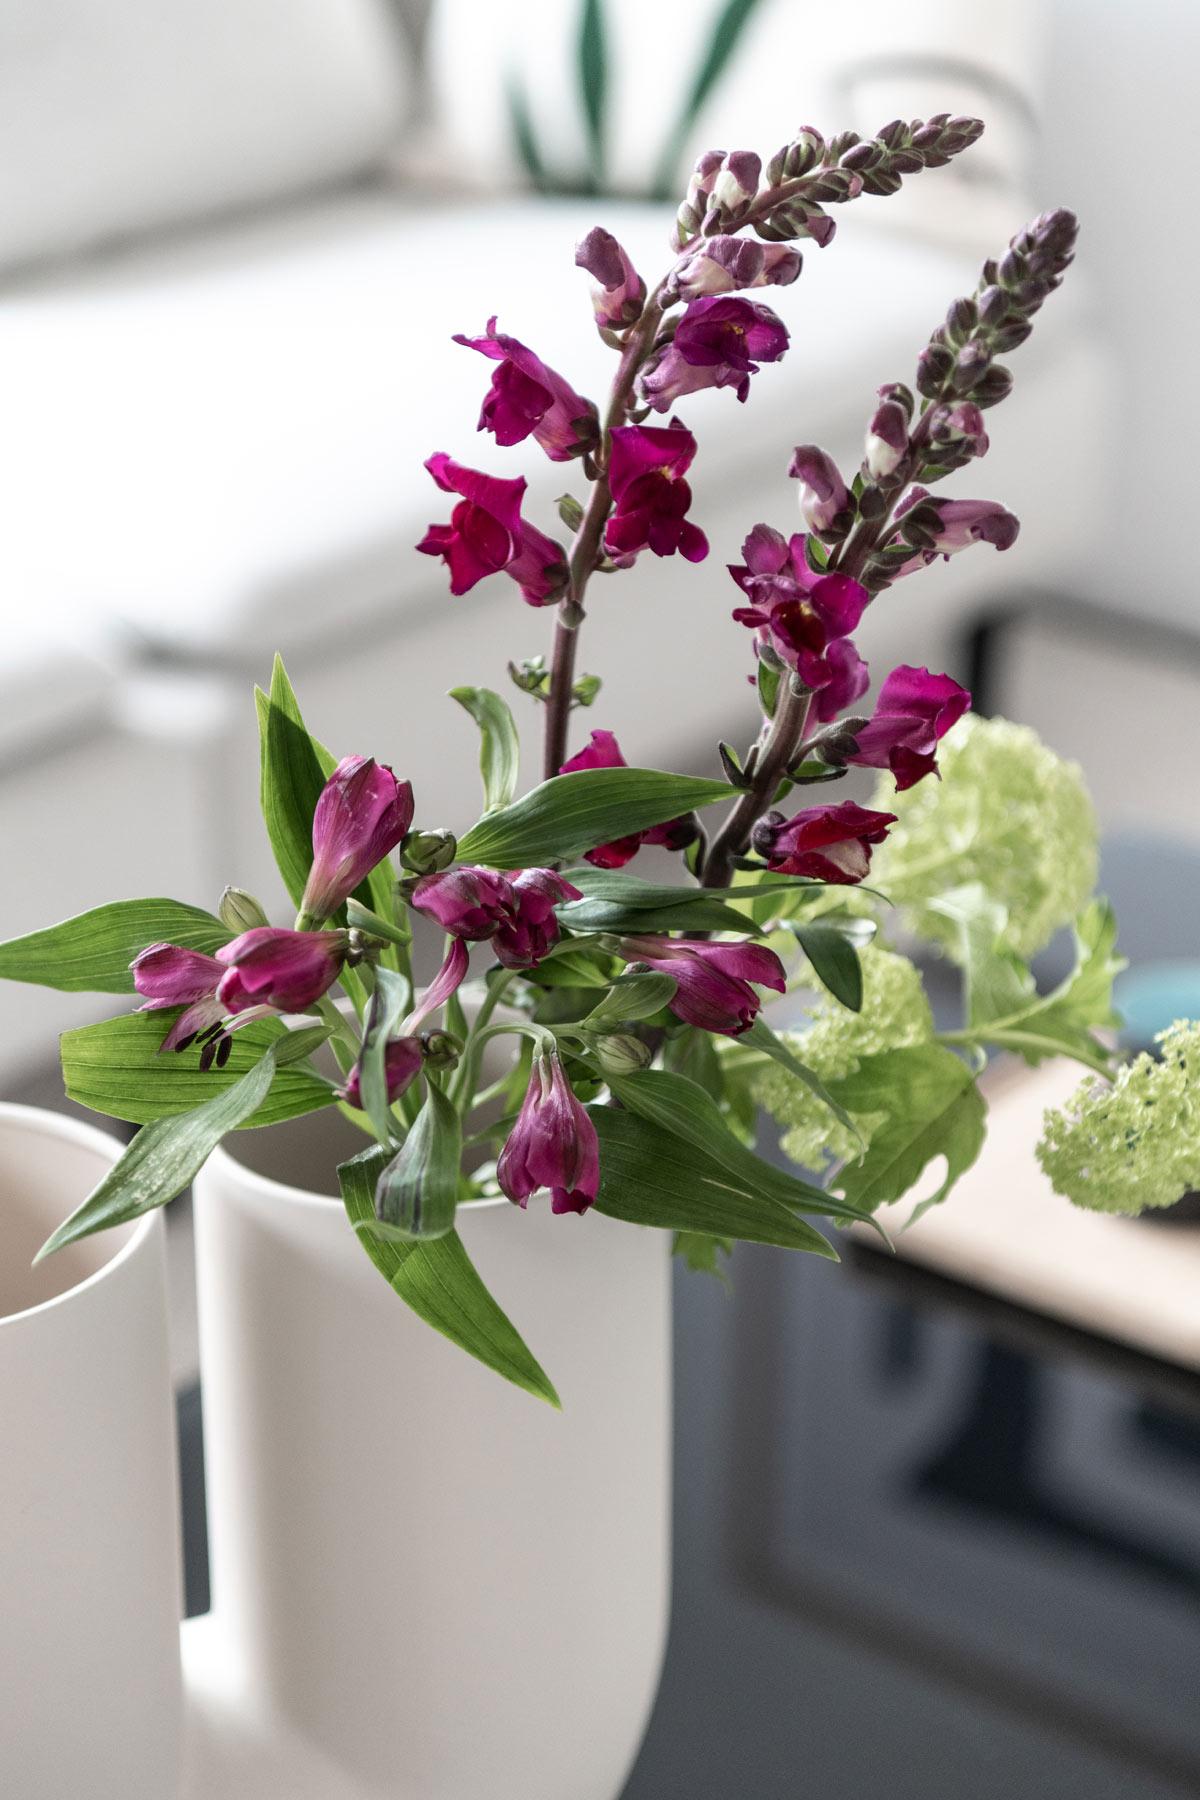 Löwenmäulchen in Vase